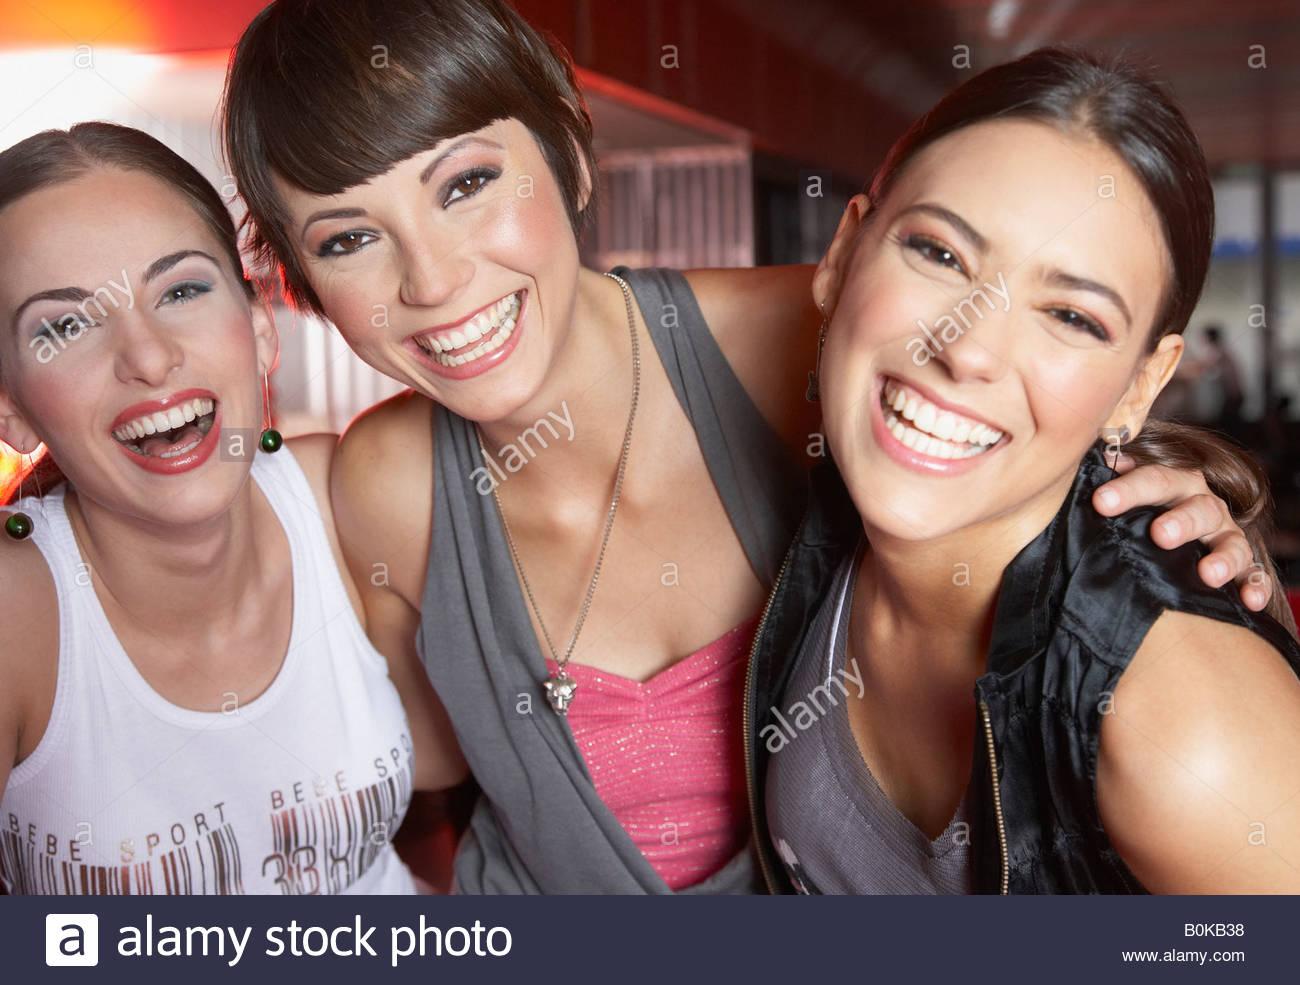 Tre donne in discoteca per divertirsi e sorridente Immagini Stock